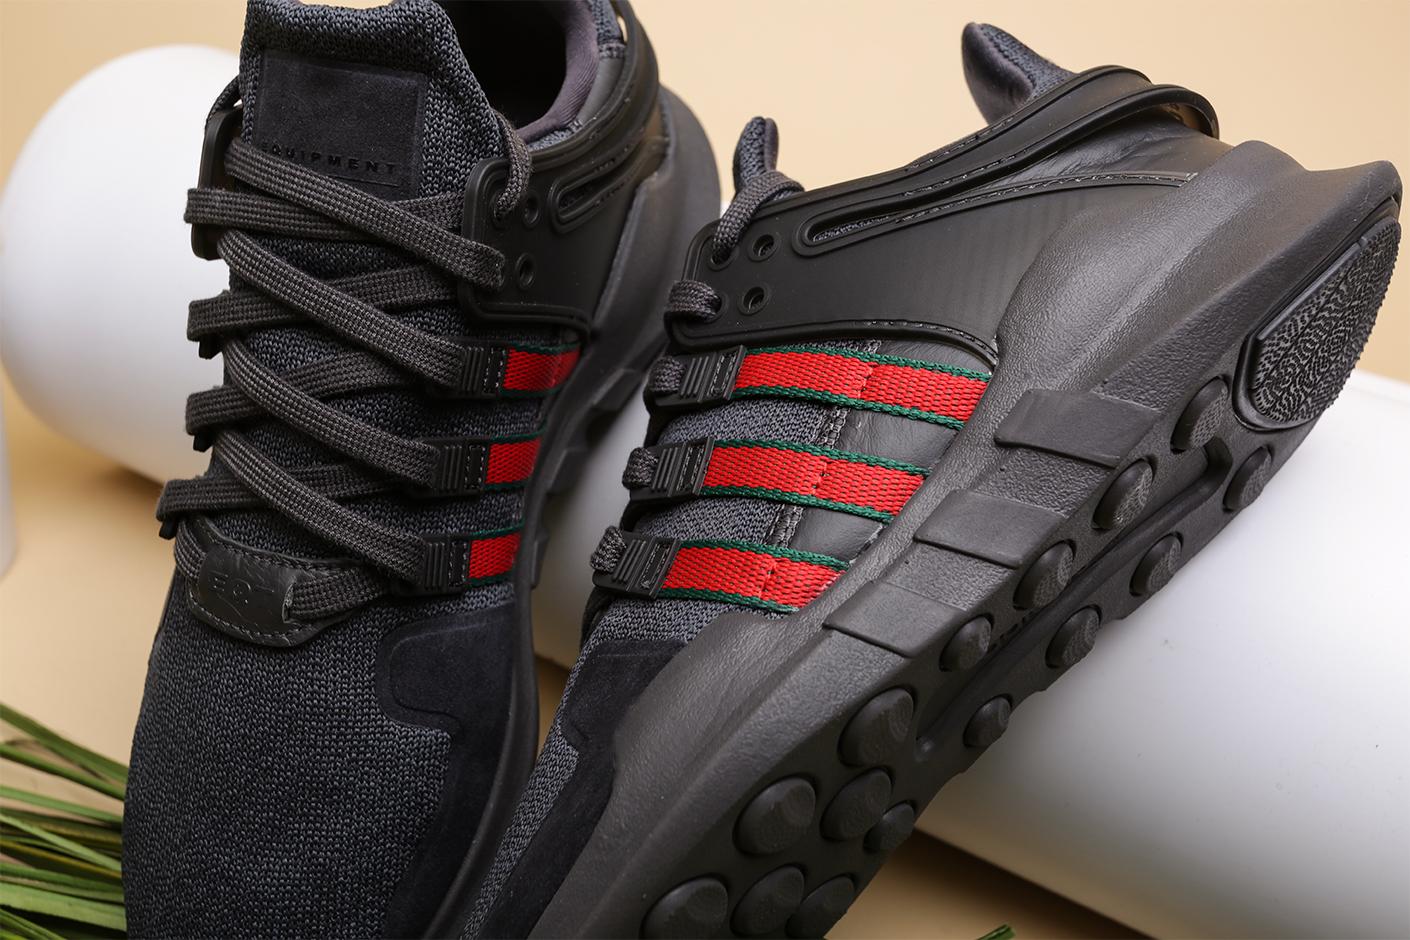 competitive price 5c403 954c8 Купить черные мужские кроссовки EQT Support ADV от adidas ...